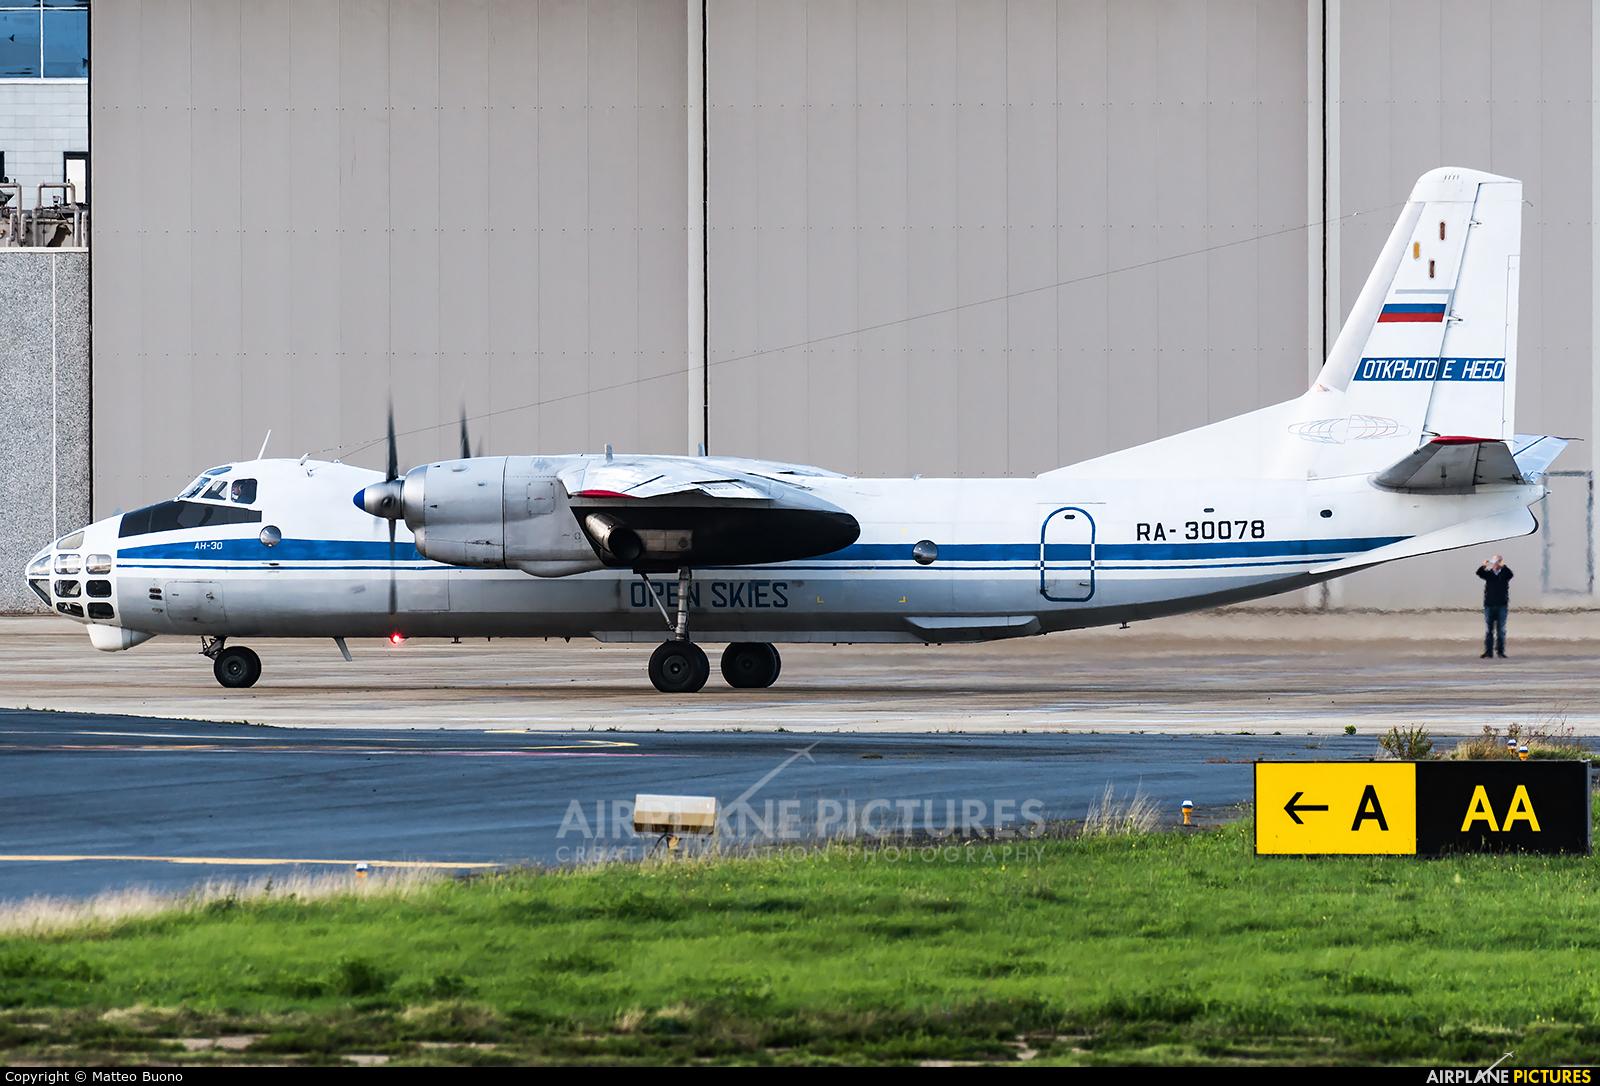 Russia - Air Force RA-30078 aircraft at Rome - Ciampino